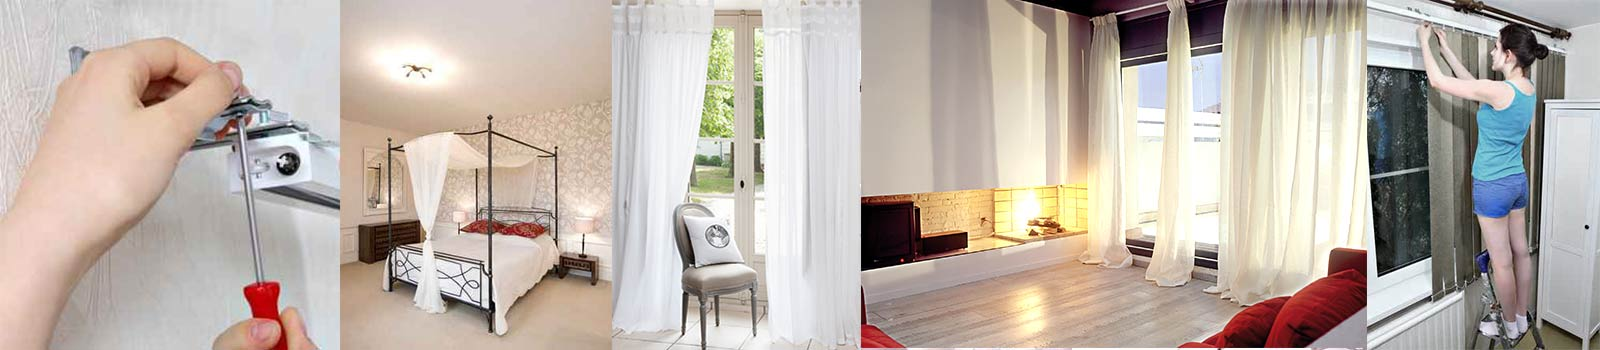 installation des rideaux voilages cr ativit et retouche. Black Bedroom Furniture Sets. Home Design Ideas